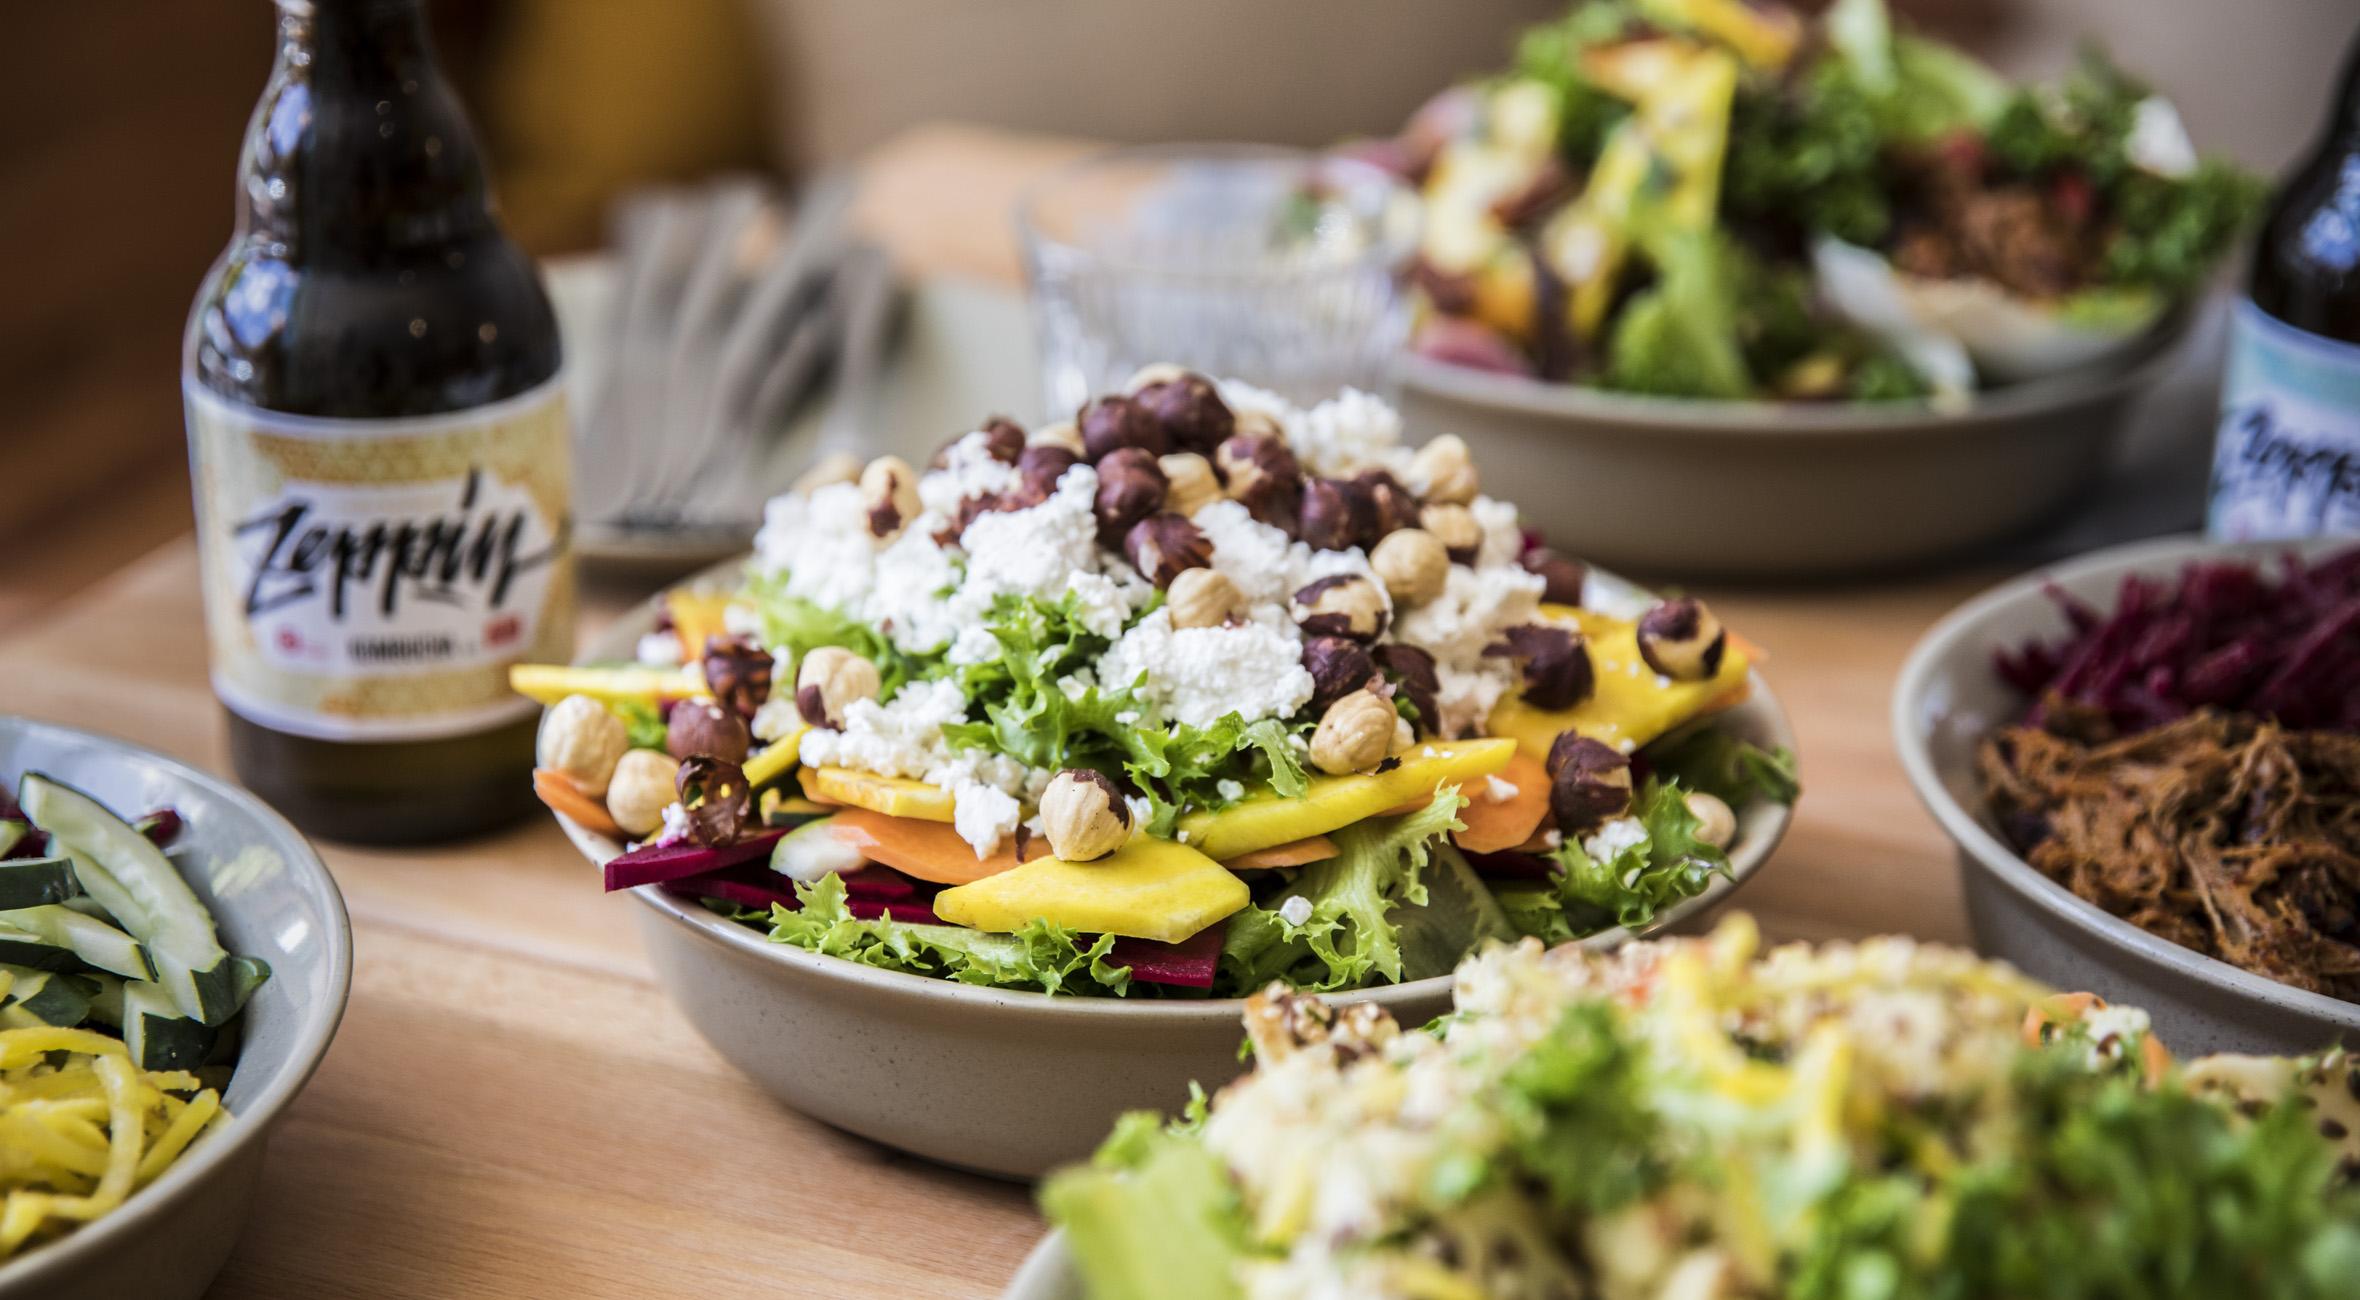 2 bowls + 2 drikke hos Greta's på Nørrebro – Nyt spiseri går all-in på sundhed, økologi og bæredygtighed